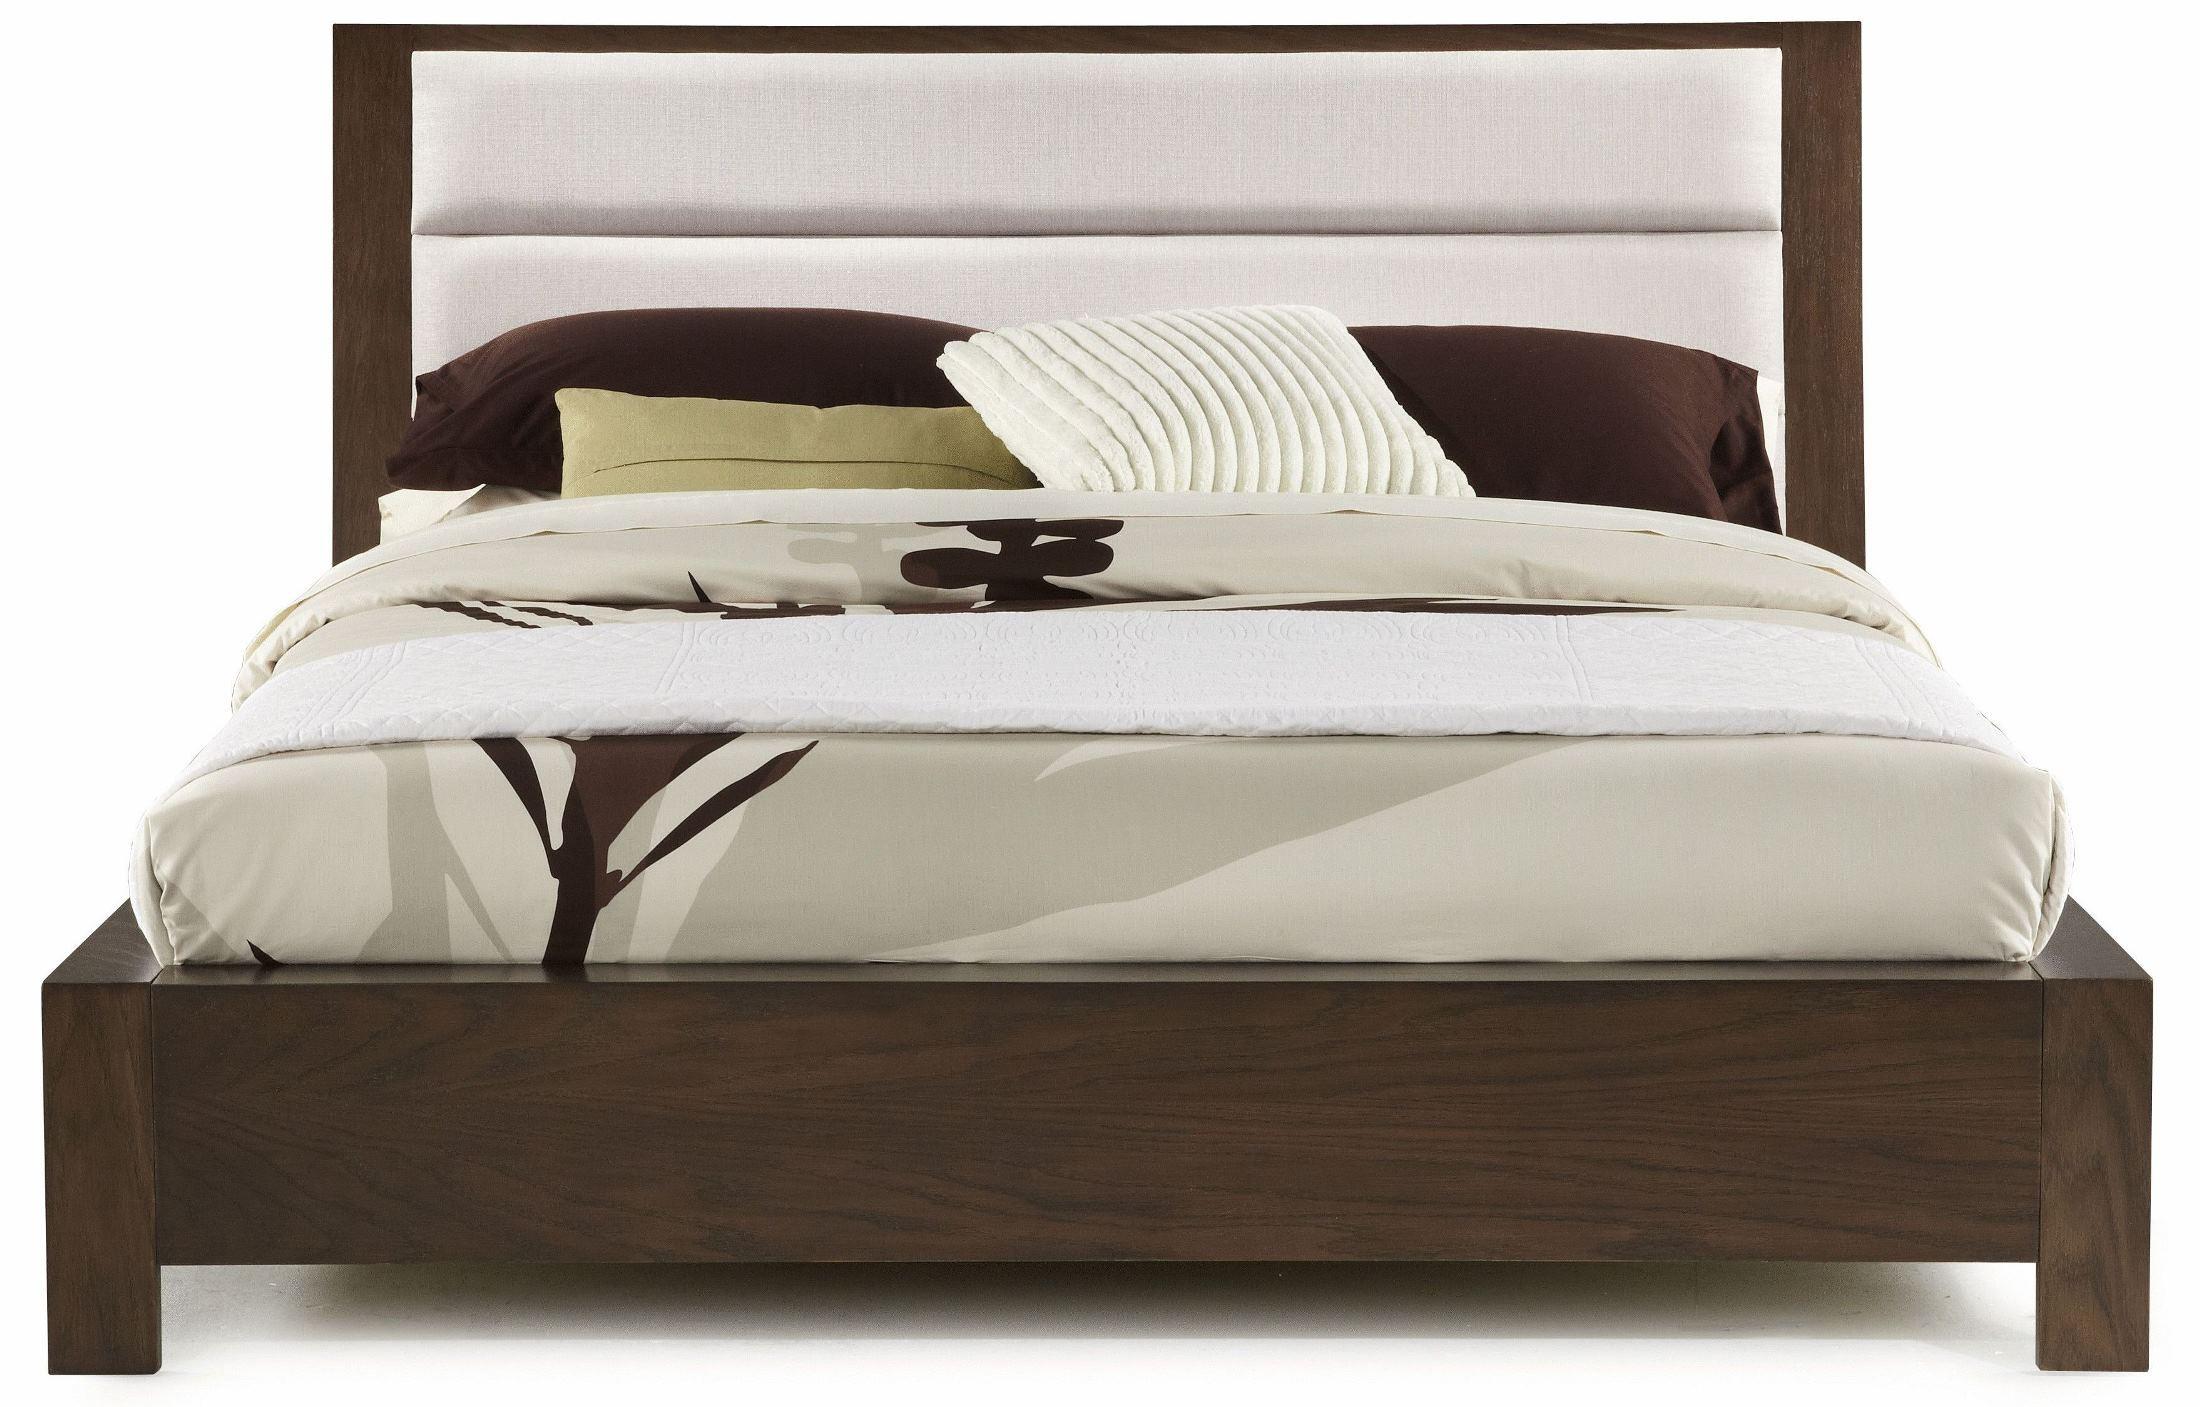 hudson upholstered platform bedroom set from casana 525